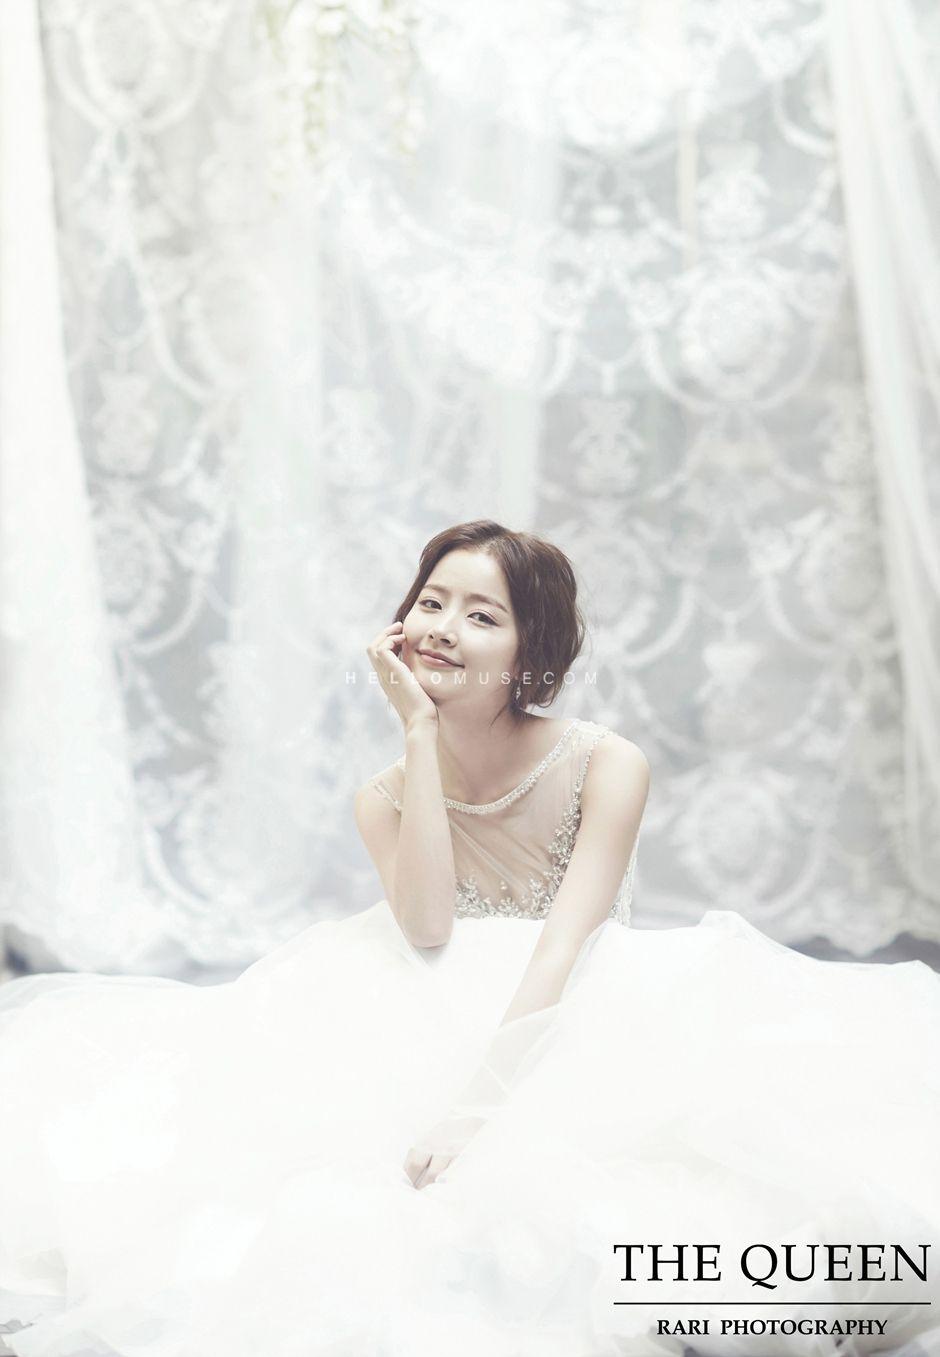 더퀸바이라리 뉴샘플_세레니티 (12).jpg   Korea   Pinterest ...